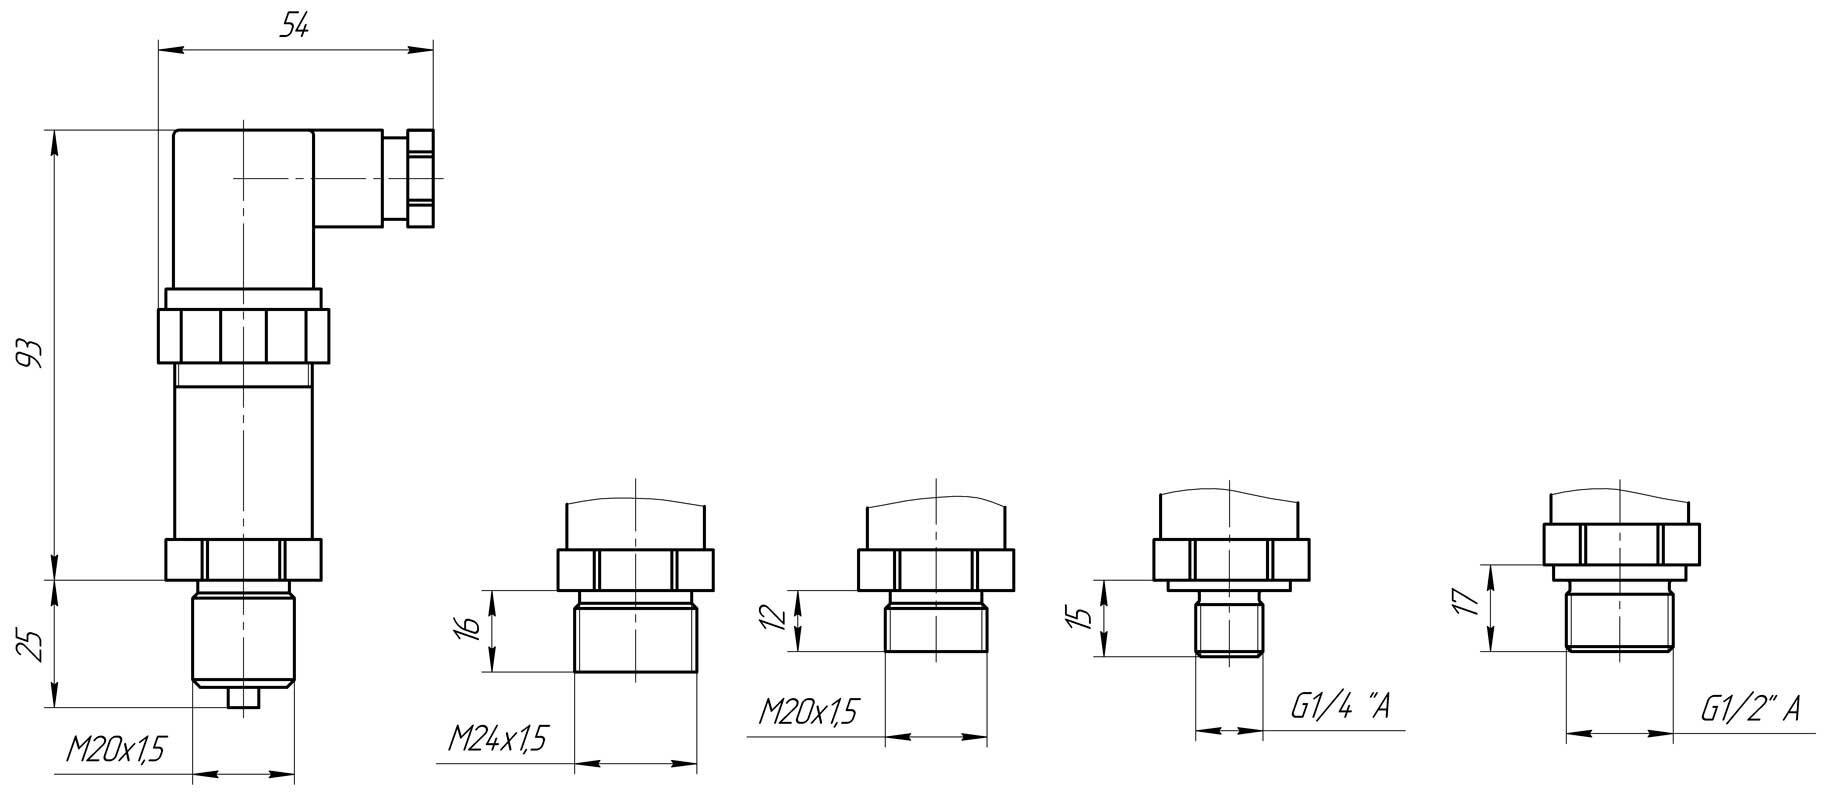 ктхк-01-08 схема подключения